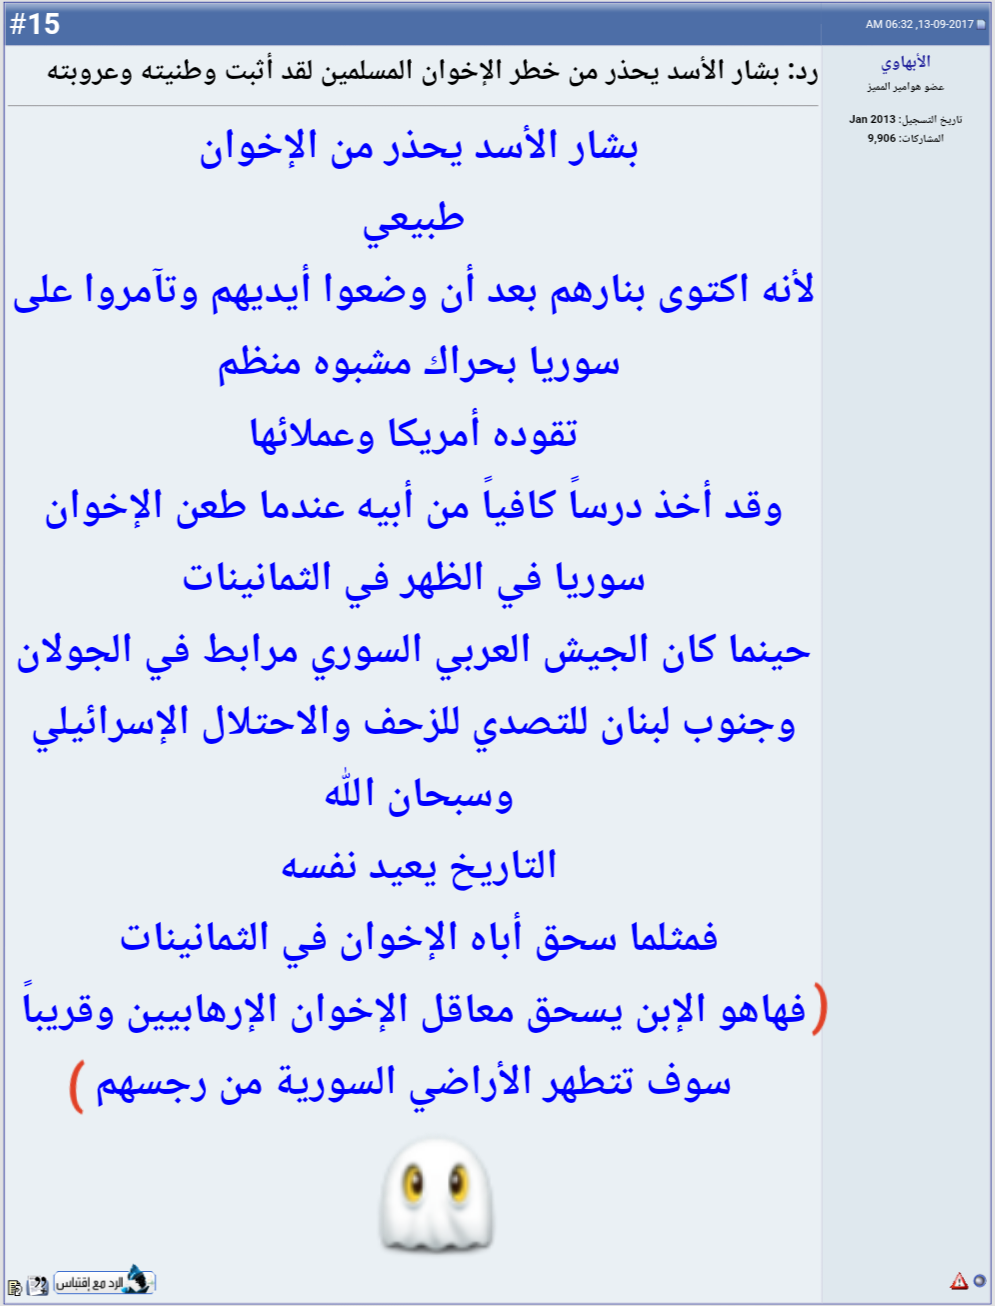 رد: وش رايكم فيني يا أخوان بكل صراحه ولا مجامله